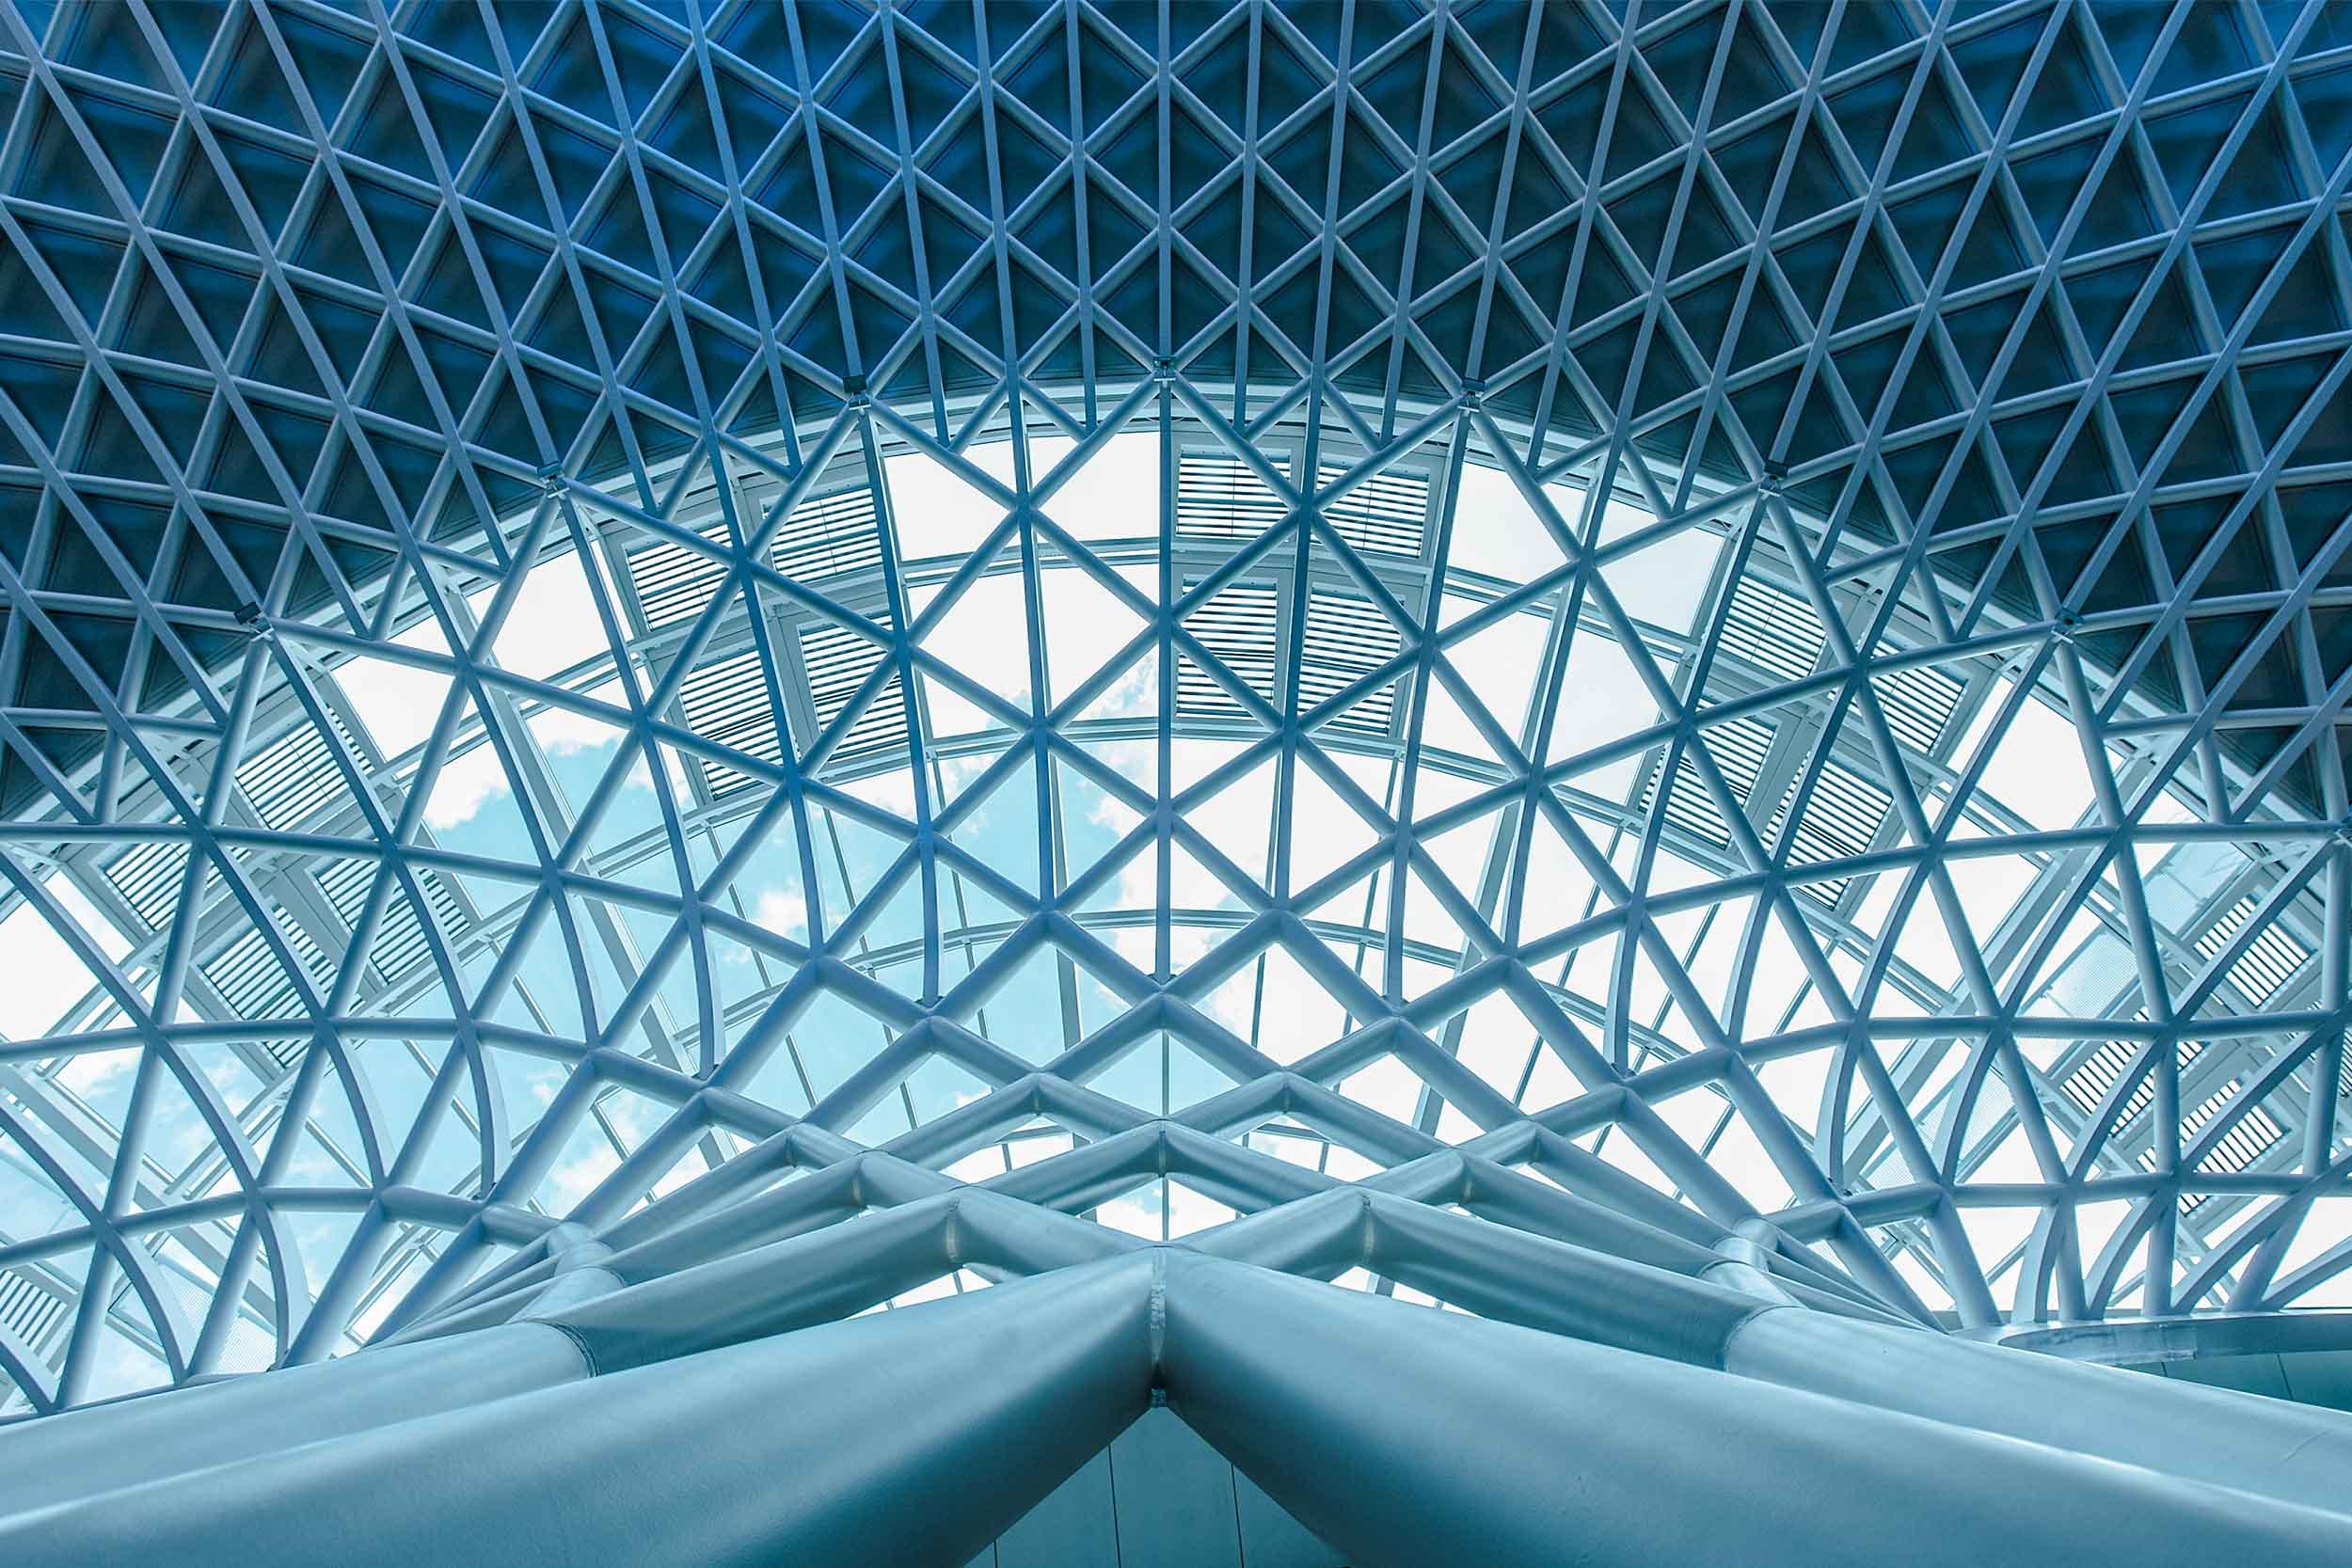 Kings Cross Roof.jpg